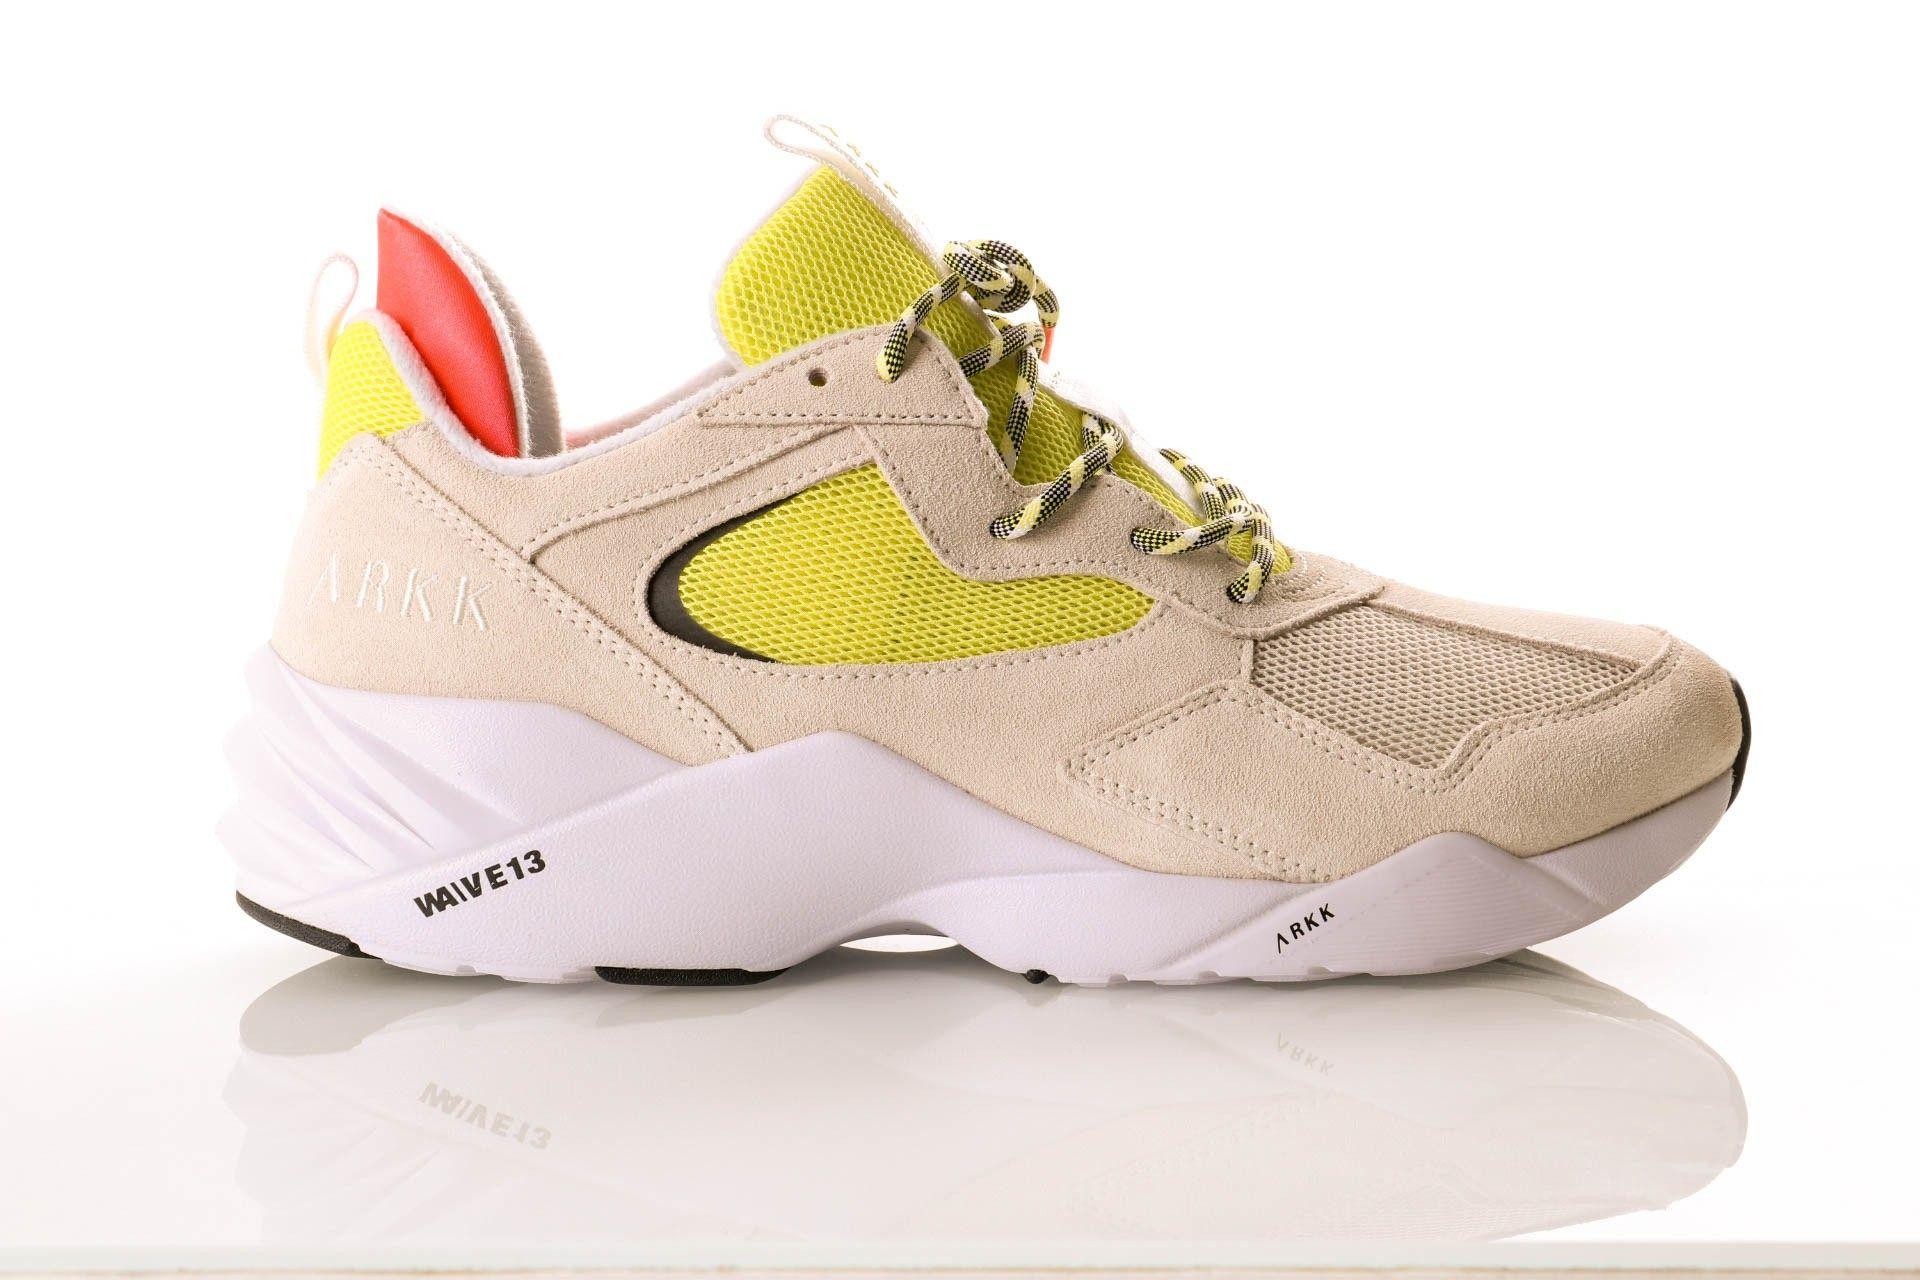 Afbeelding van Arkk Kanetyk El3802-1137-M Sneakers Off White Neon Lime